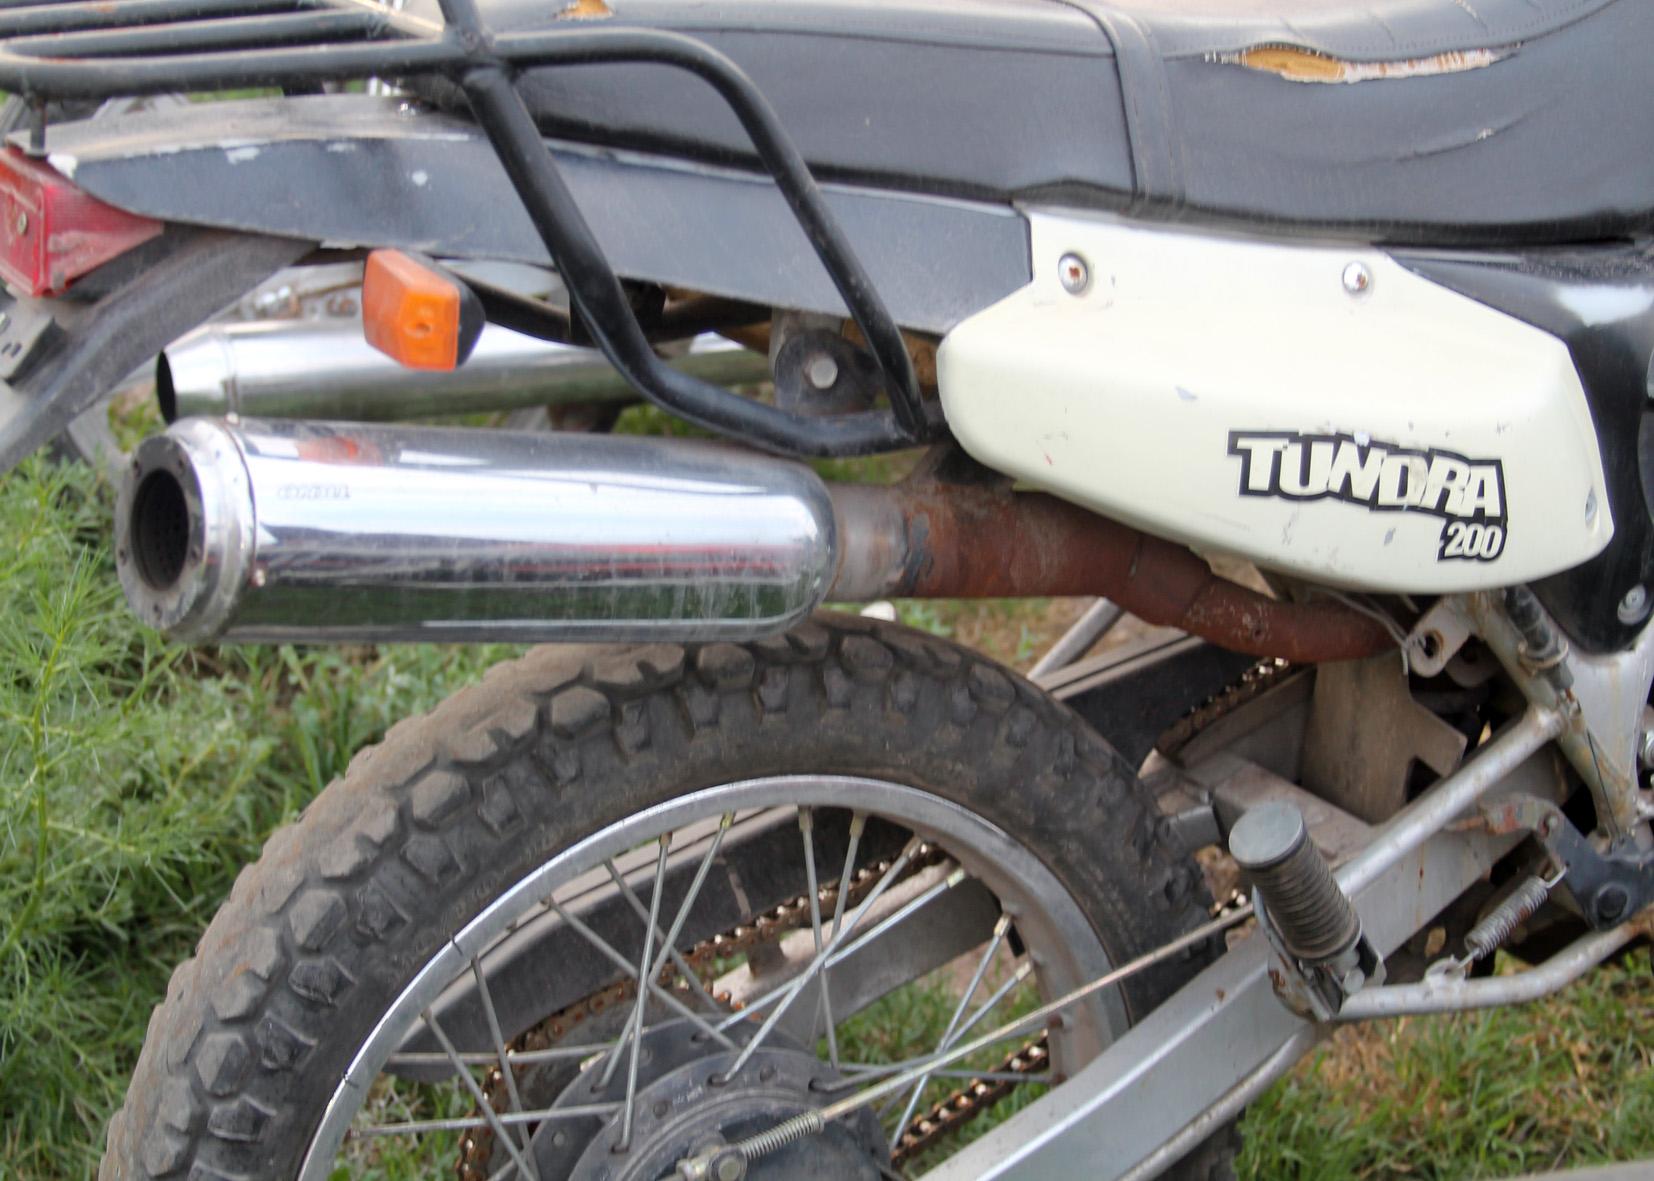 Se Convirtió En Ordenanza La Prohibición De Circular Con Motos Con Caños De Escapes Libres Redacción Alta Gracia